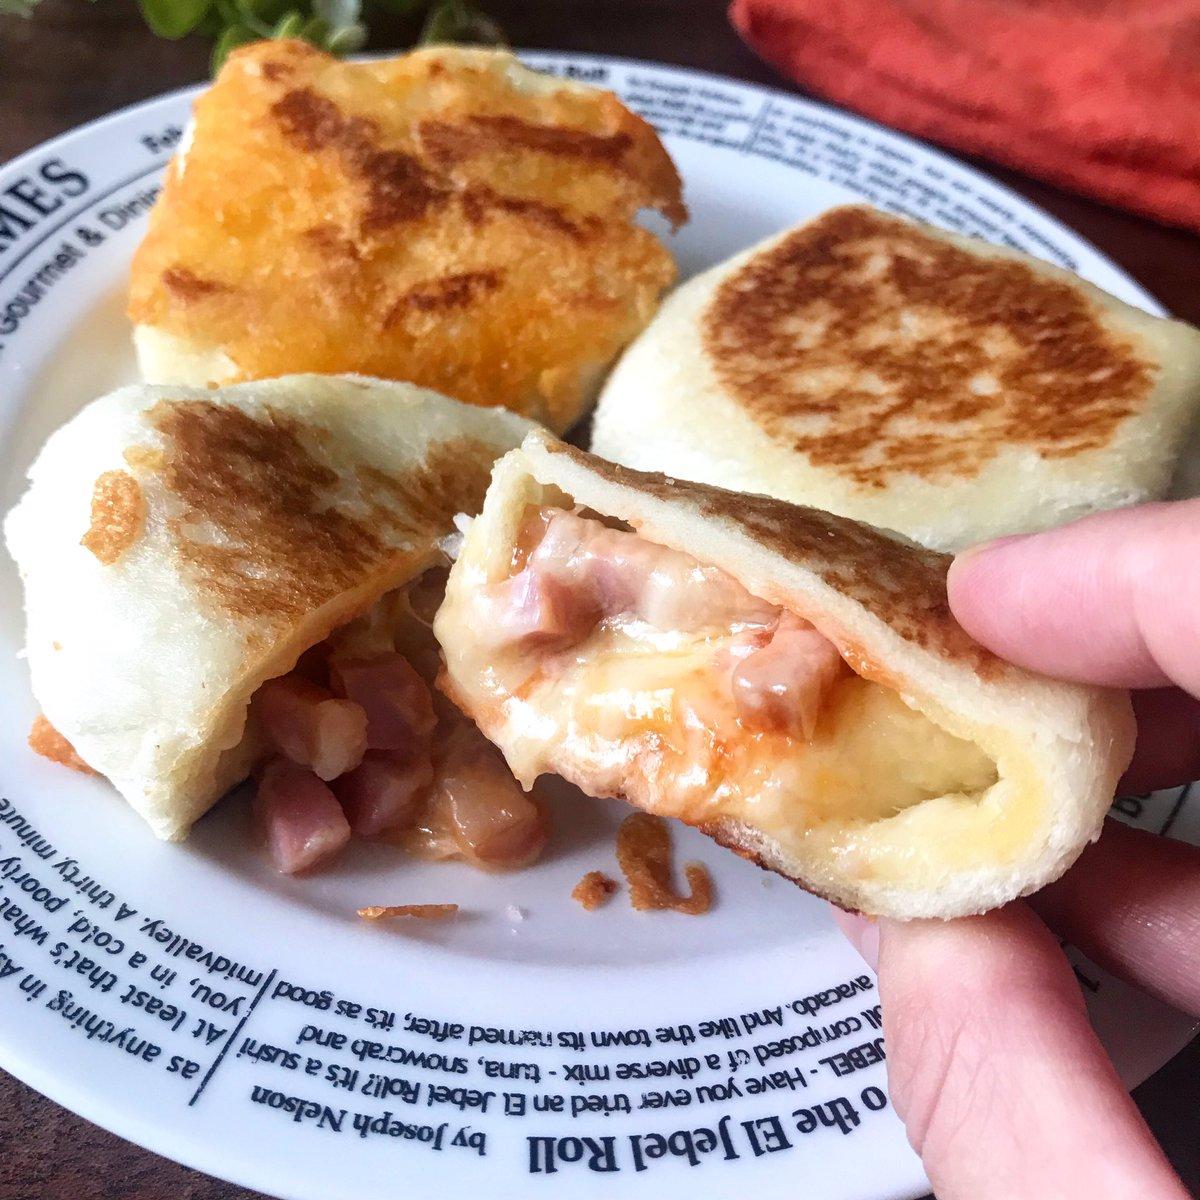 めっちゃお勧め!(娘2人絶賛)固くなったりパサついた食パン救出に  【食パンで‼️焼きピザまん】  パンに水をかけて潰し、具を包んで焼くだけ。とじ目をチーズの上に乗せて焼くことで溶けて蓋になり崩れない!  ※この投稿1RTにつき120円の寄付になります! #食品ロスWFP2021